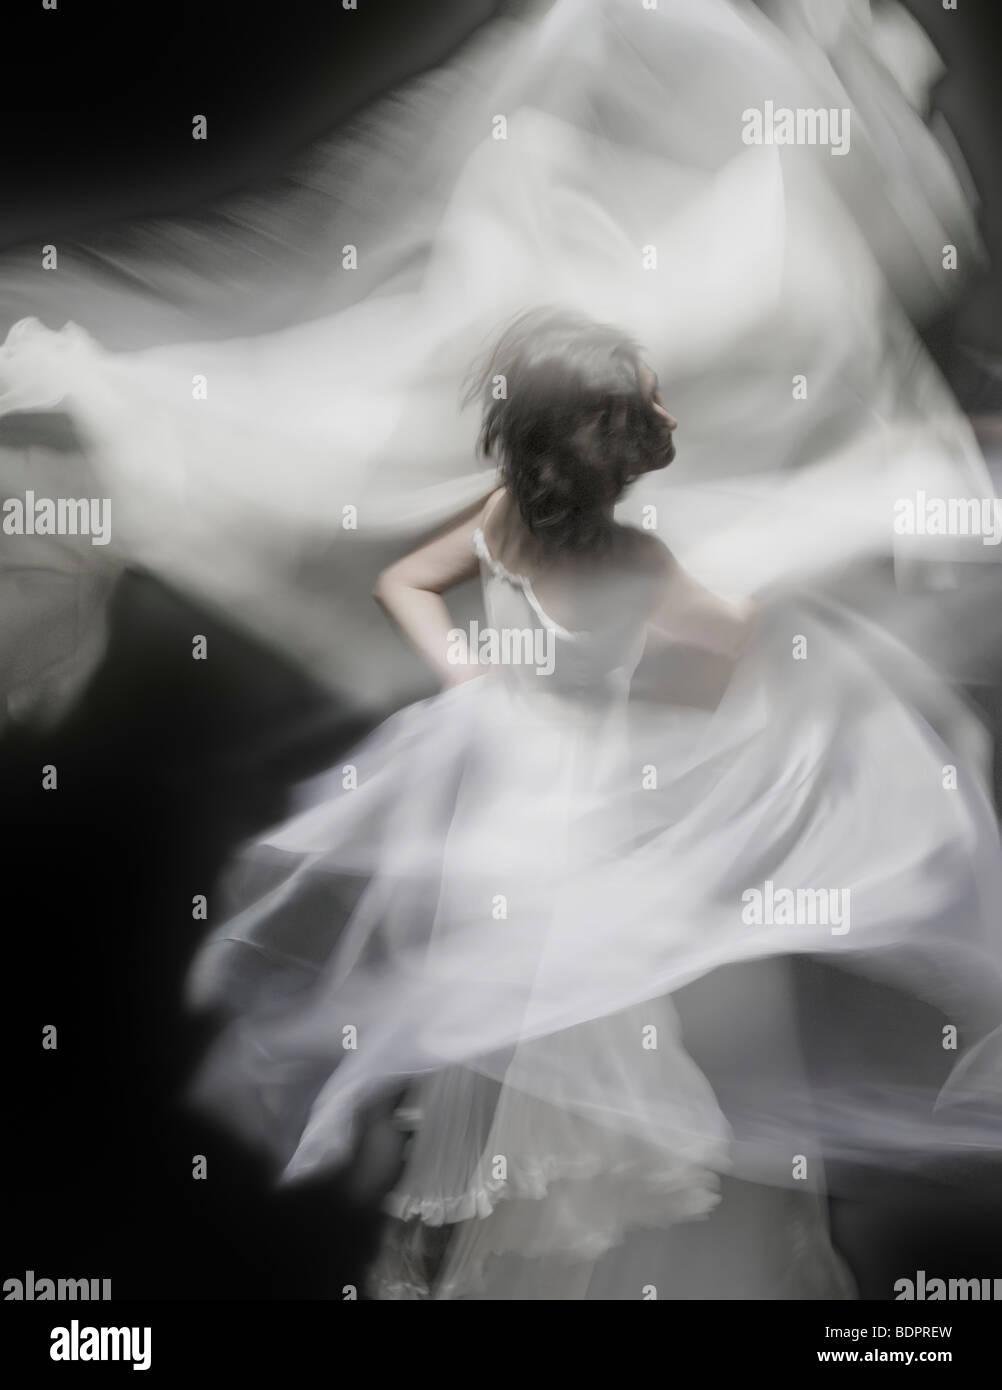 Una joven mujer bailando con un vestido blanco Imagen De Stock